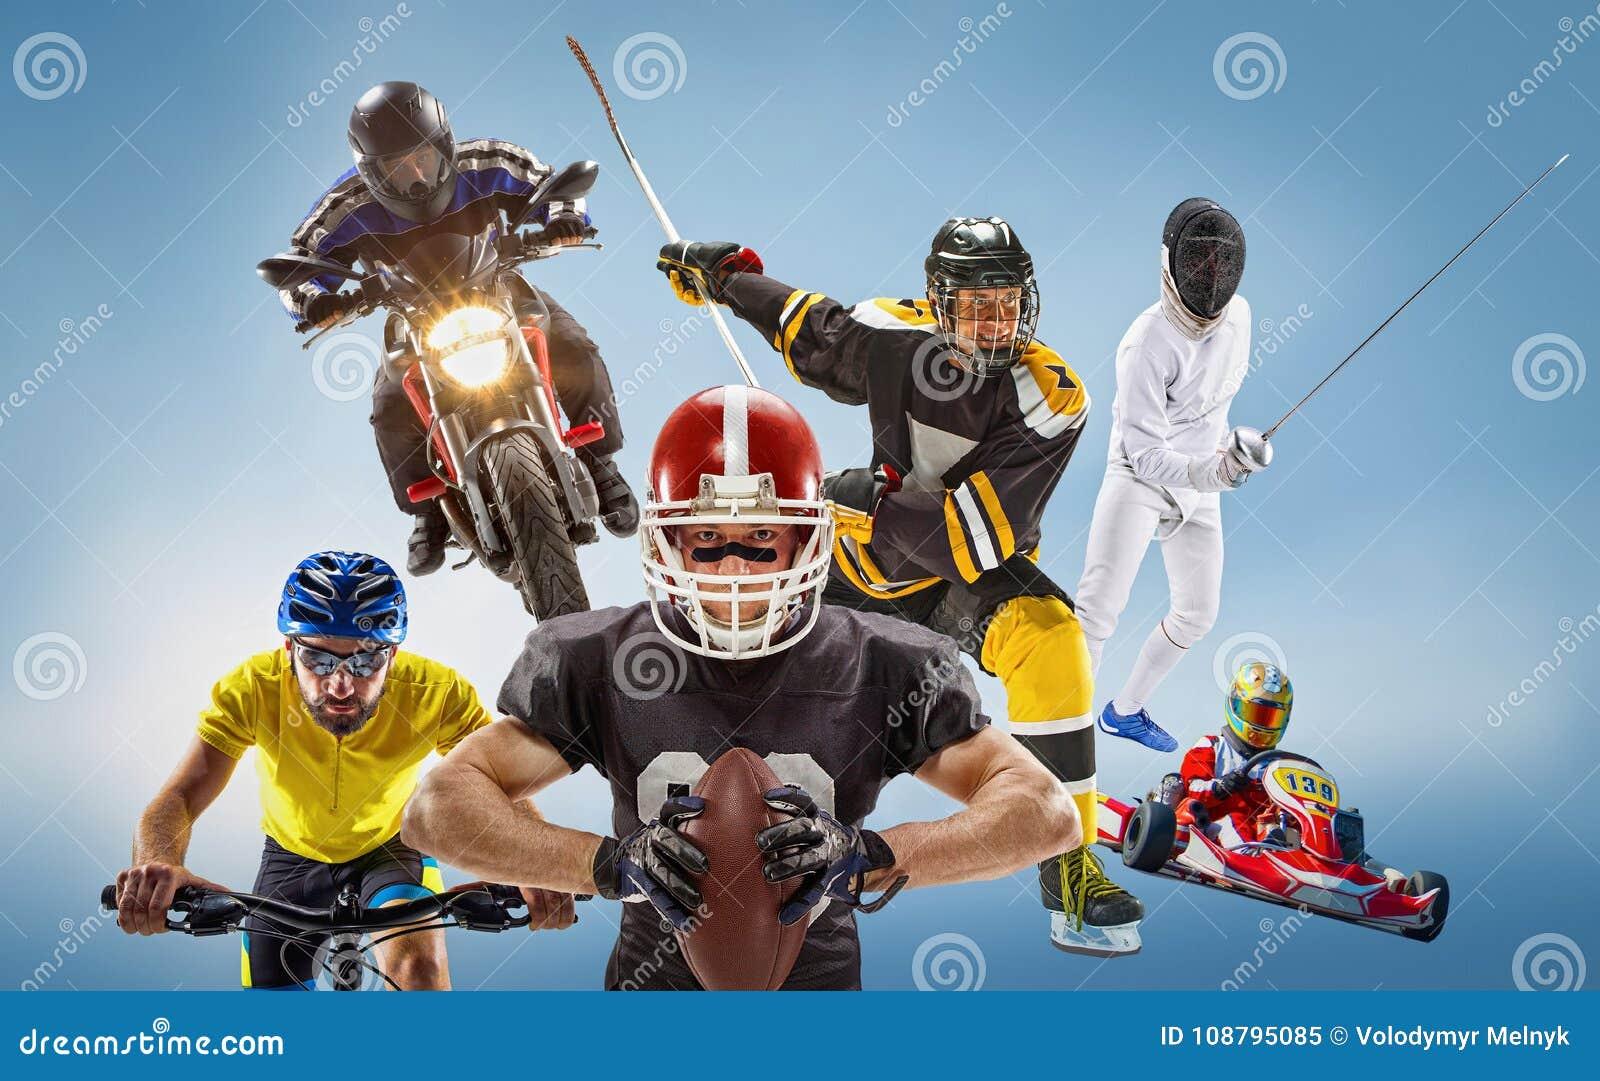 Le collage multi conceptuel de sports avec le football américain, hockey, cyclotourism, clôturant, sport automobile